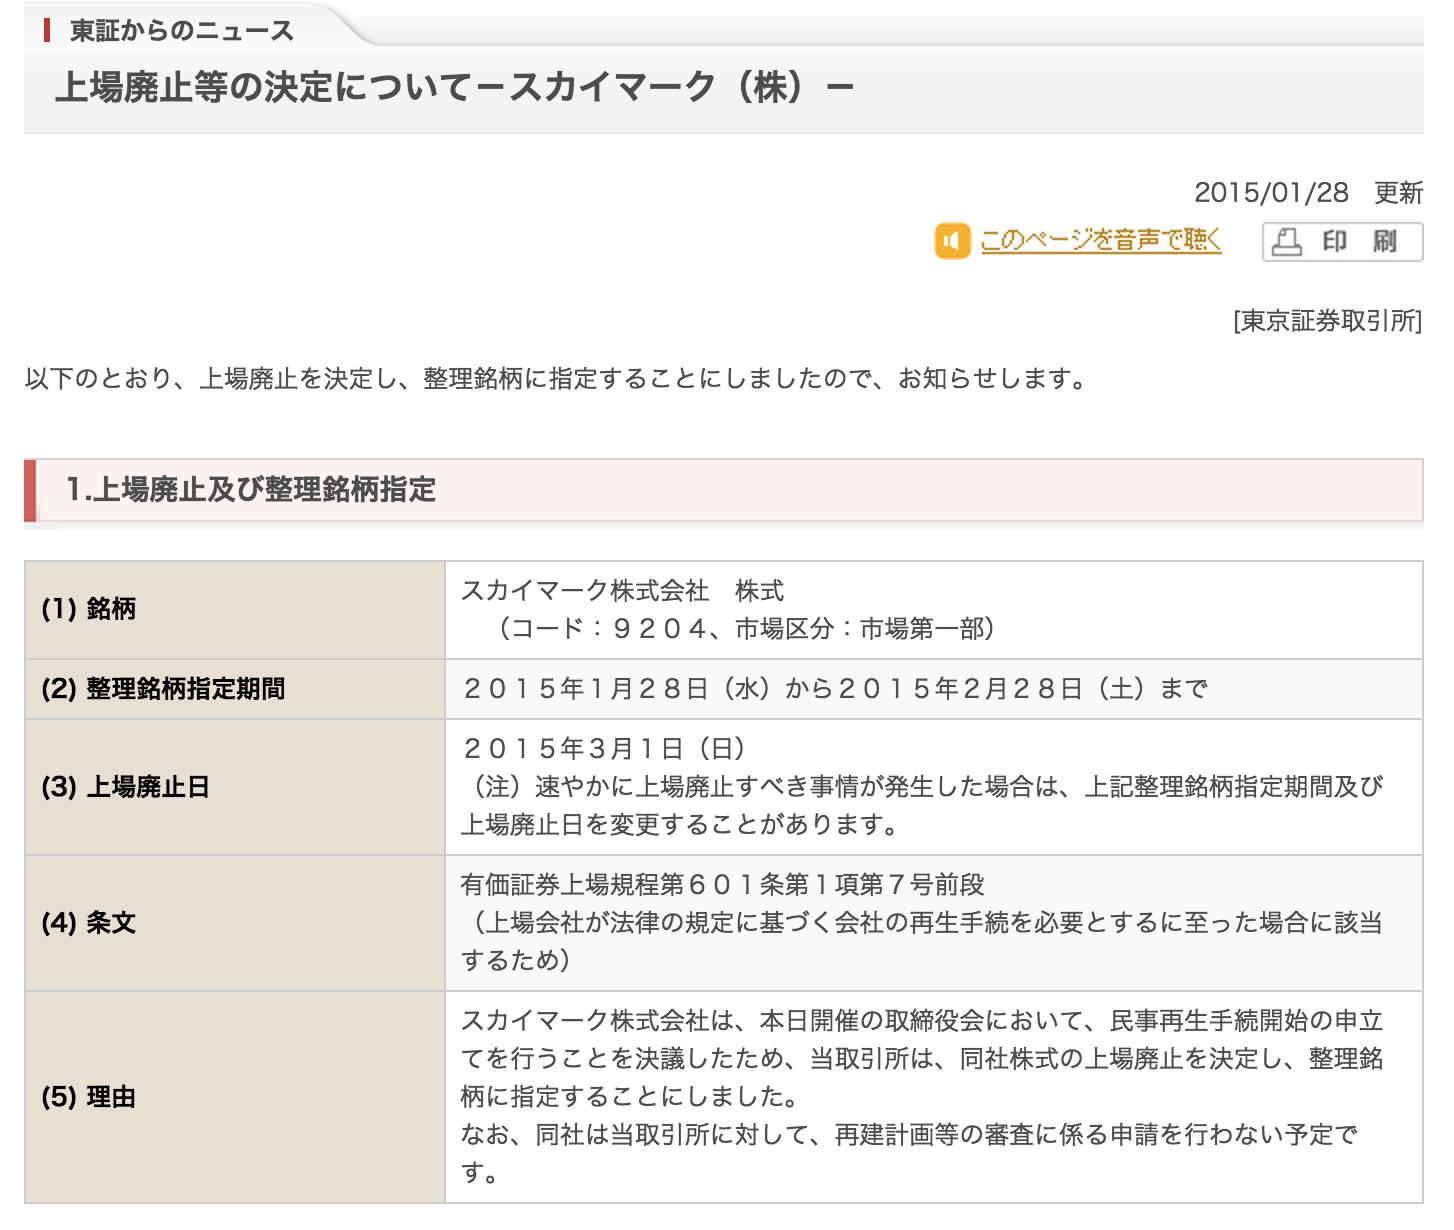 スクリーンショット 2015-01-29 3.32.37